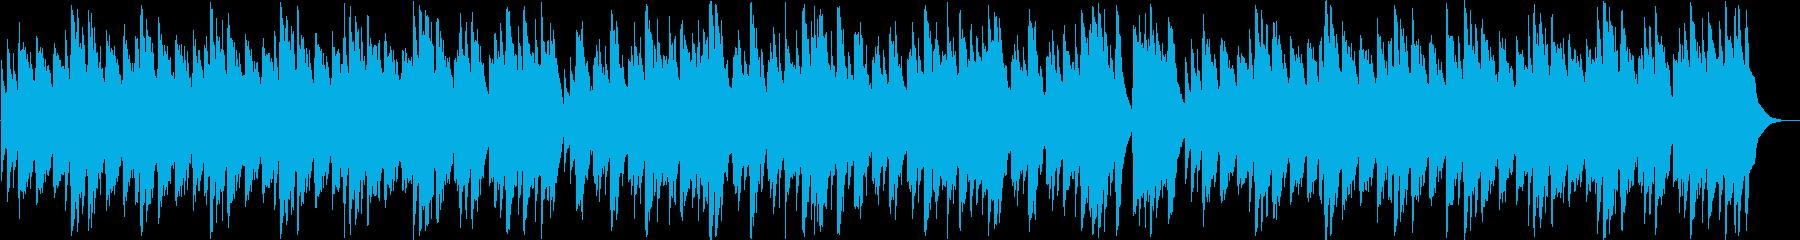 美しき青きドナウ/ヨハン(オルゴール)の再生済みの波形